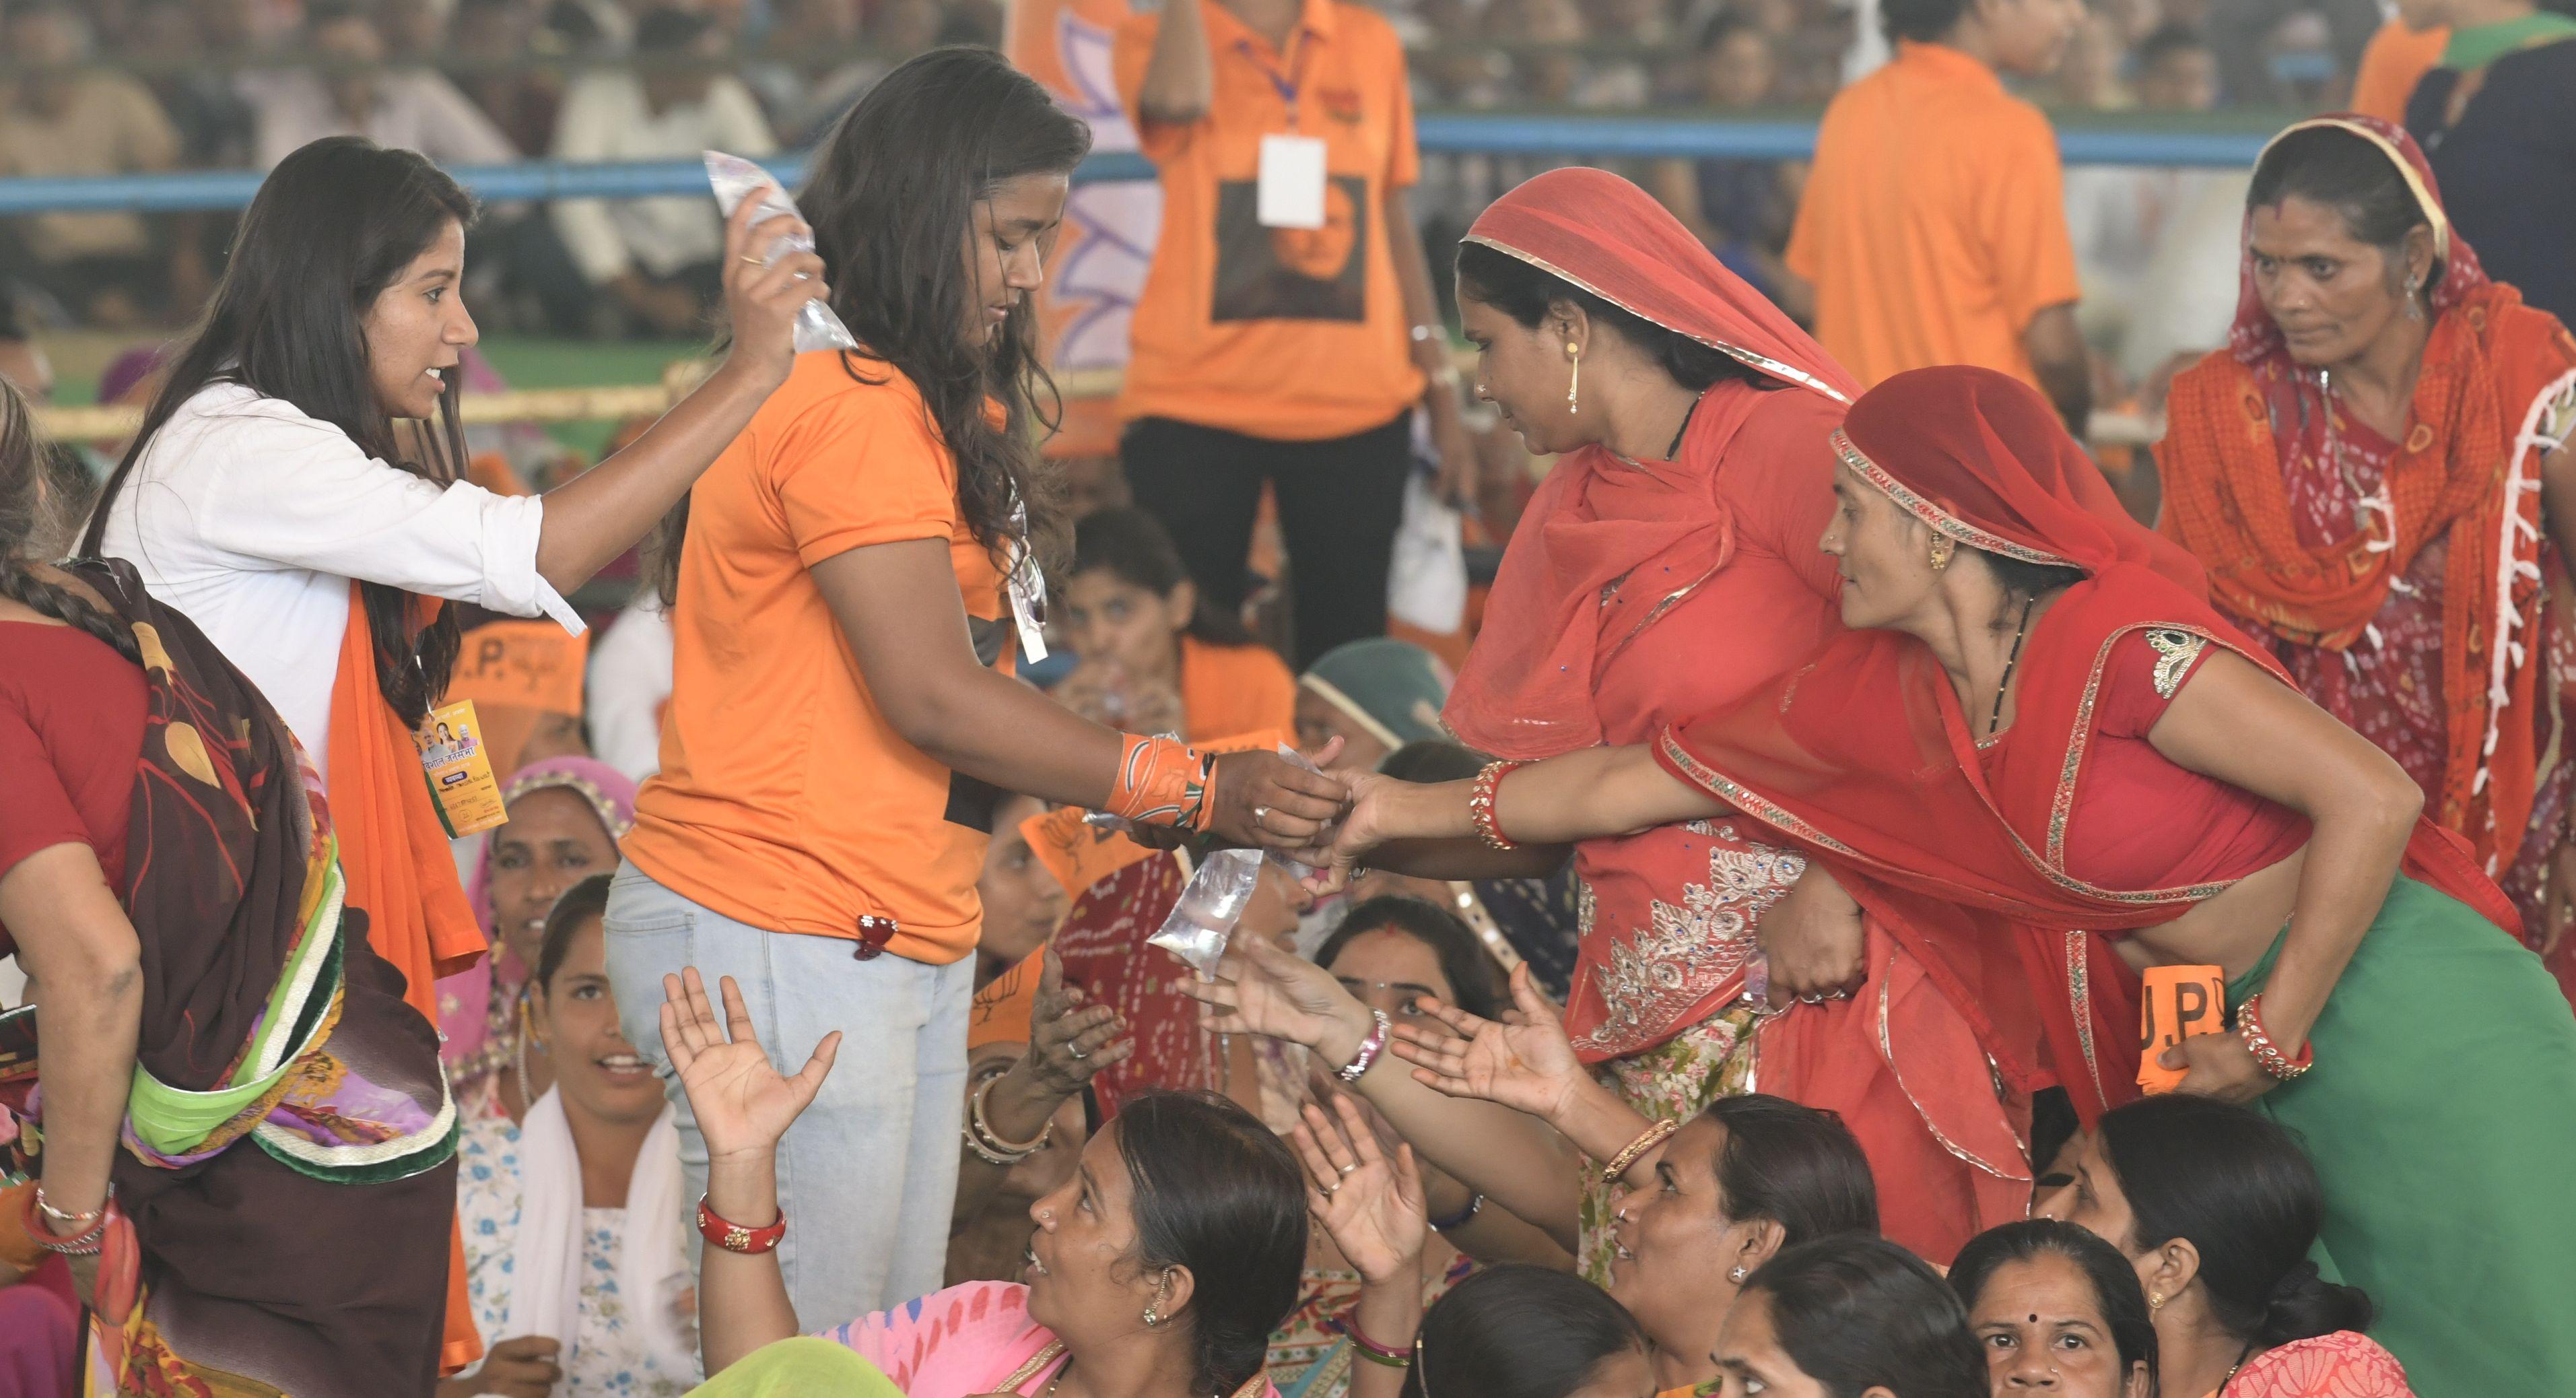 rajasthan ka ran: नेताजी पहुंचे वोटर्स के घर, बताने लगे अपनी सरकार की ये खूबियां